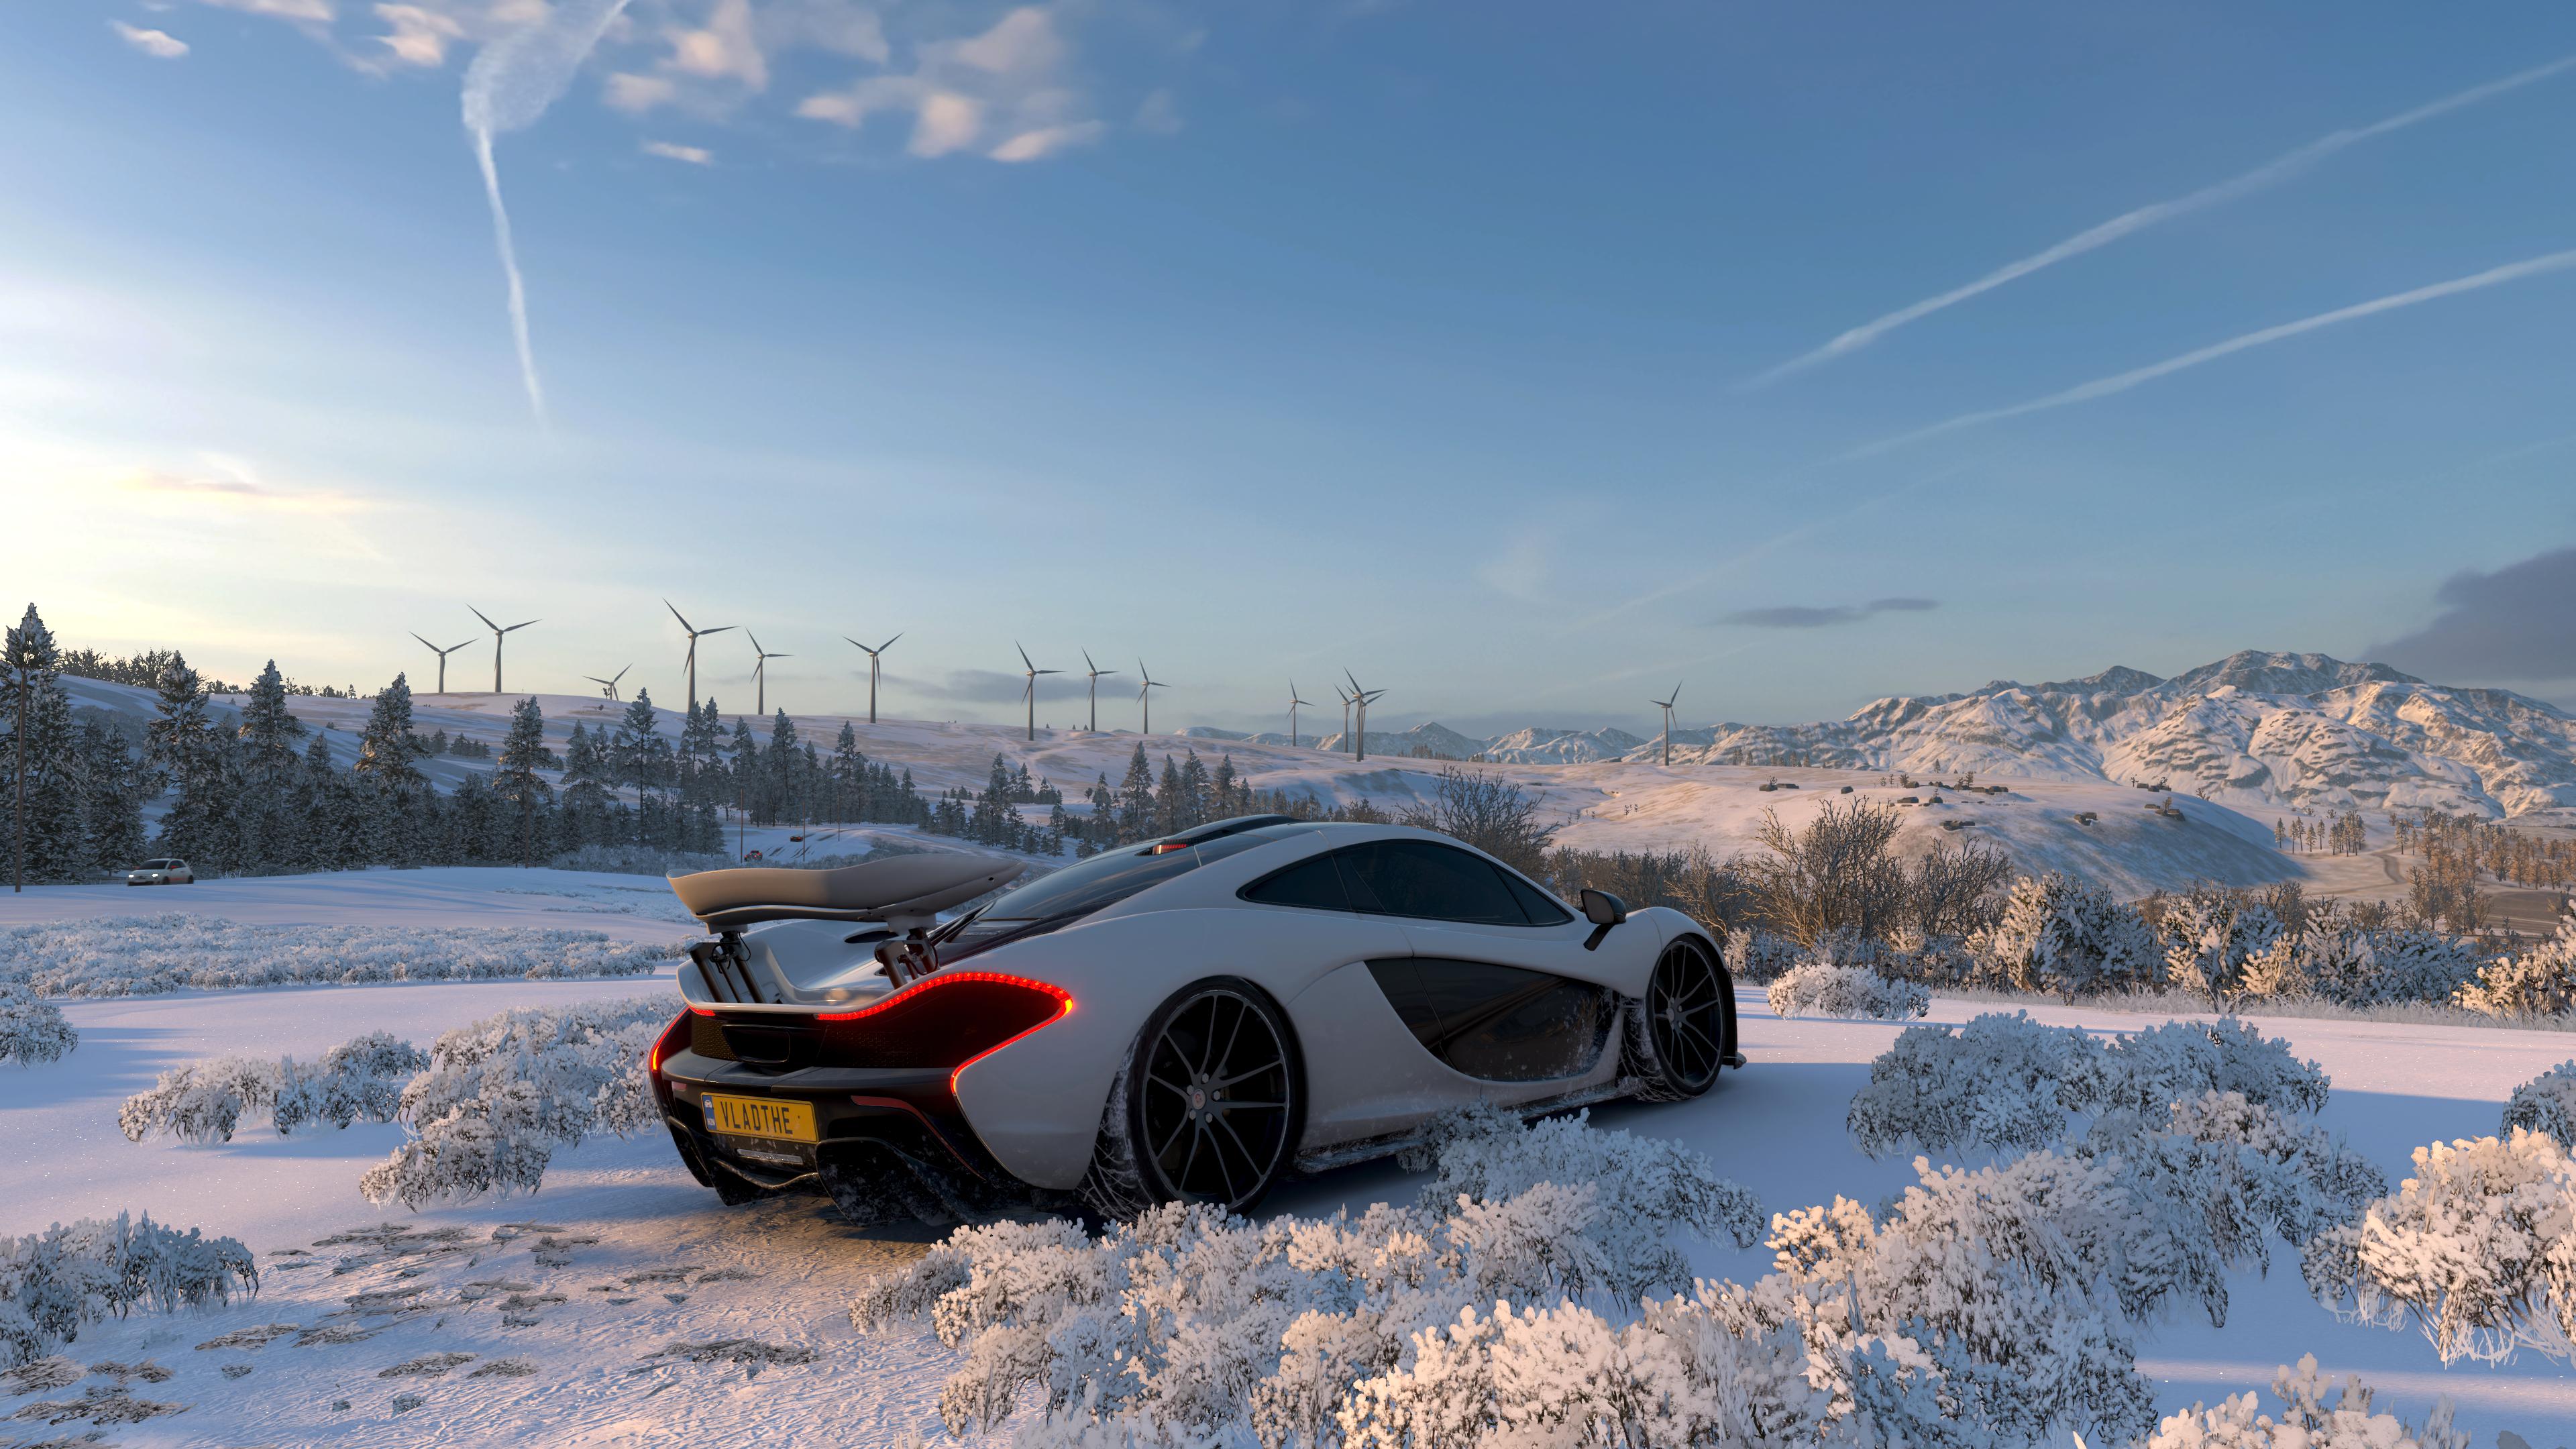 Wallpaper Forza Horizon 4 3840x2160 Tastyykilla